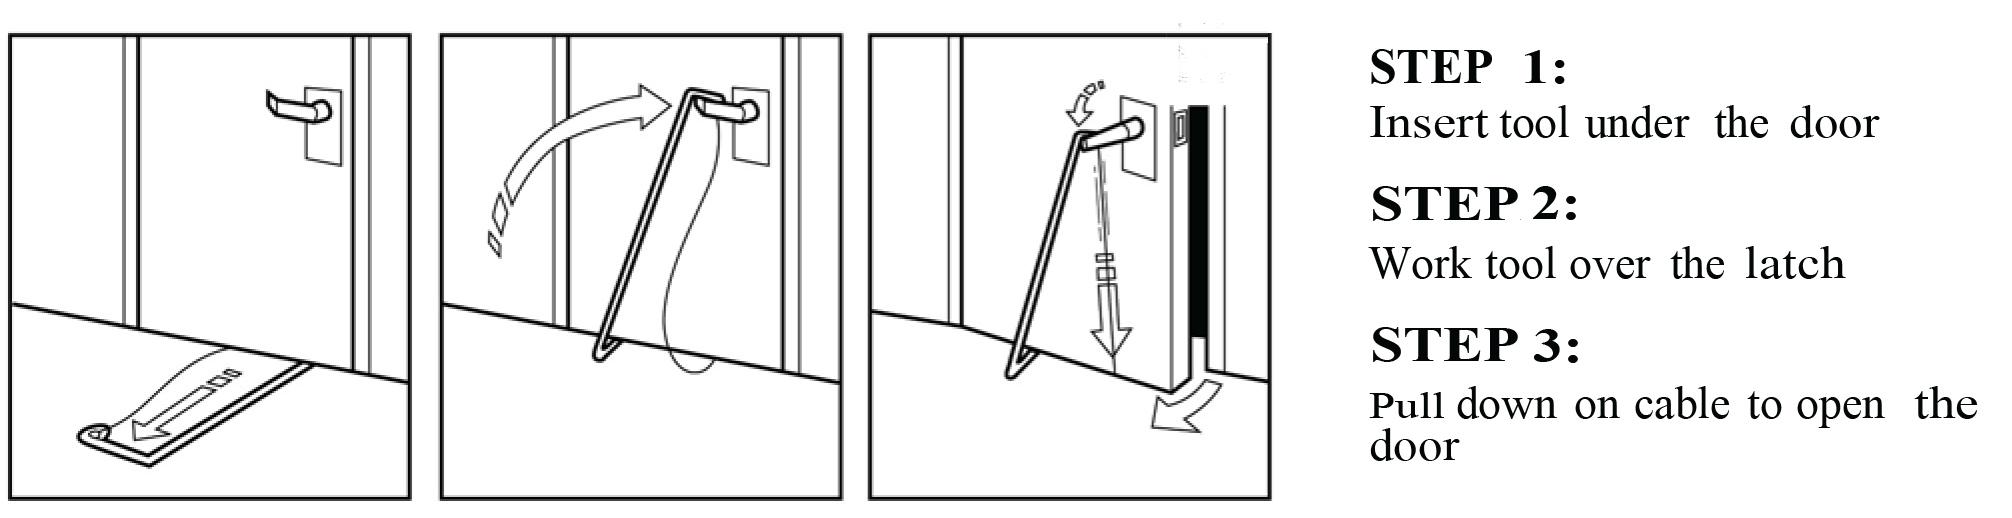 Under The Door Tool